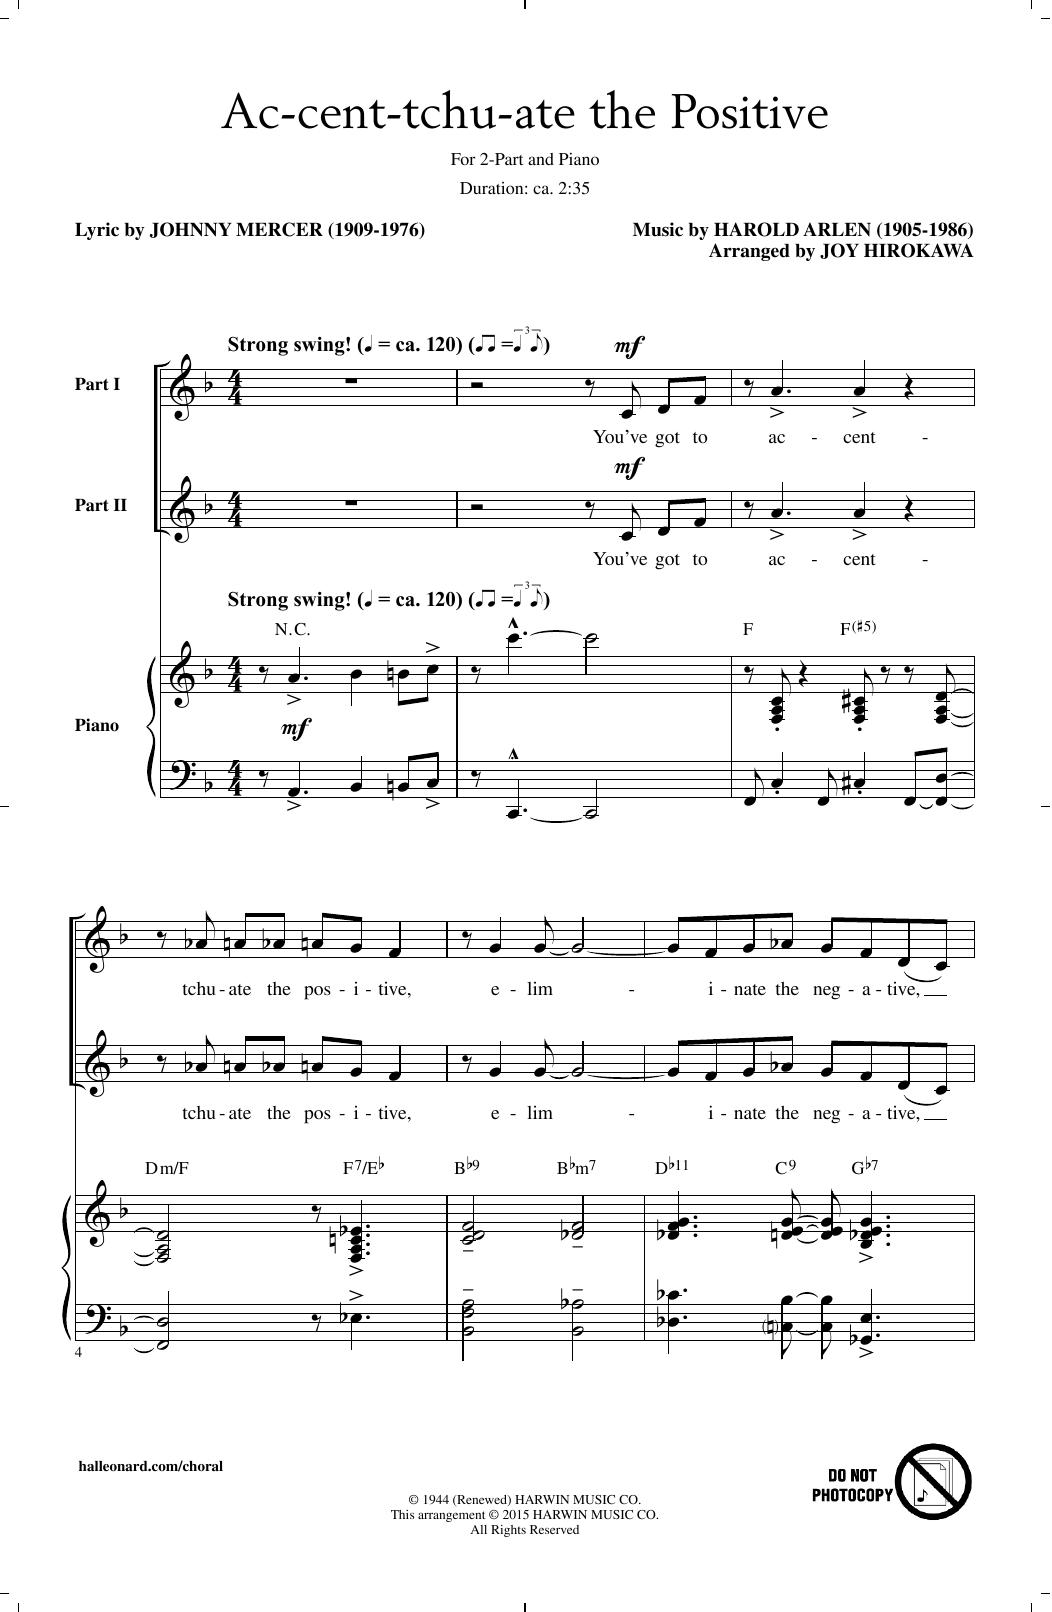 Ac-cent-tchu-ate The Positive (arr. Joy Hirokawa) Sheet Music